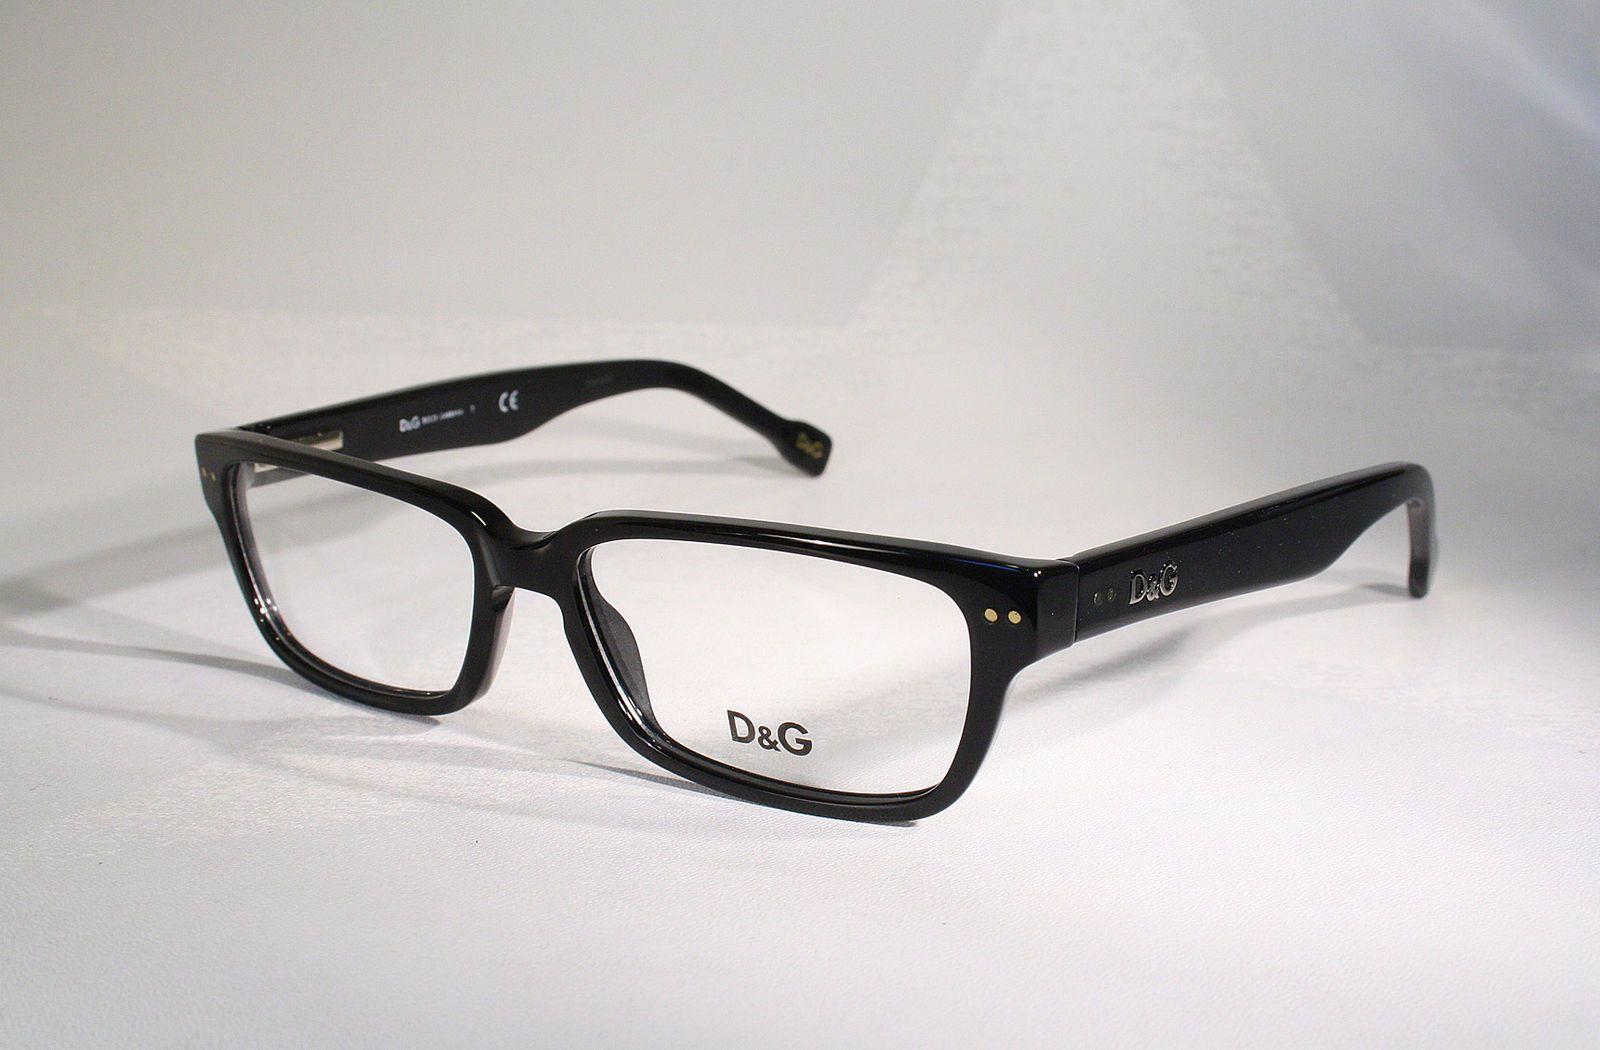 1dc3bc3c78d DOLCE   GABBANA D G 1165 Black Horn Rimmed Style Men s Women s Eyeglass  Frames ...